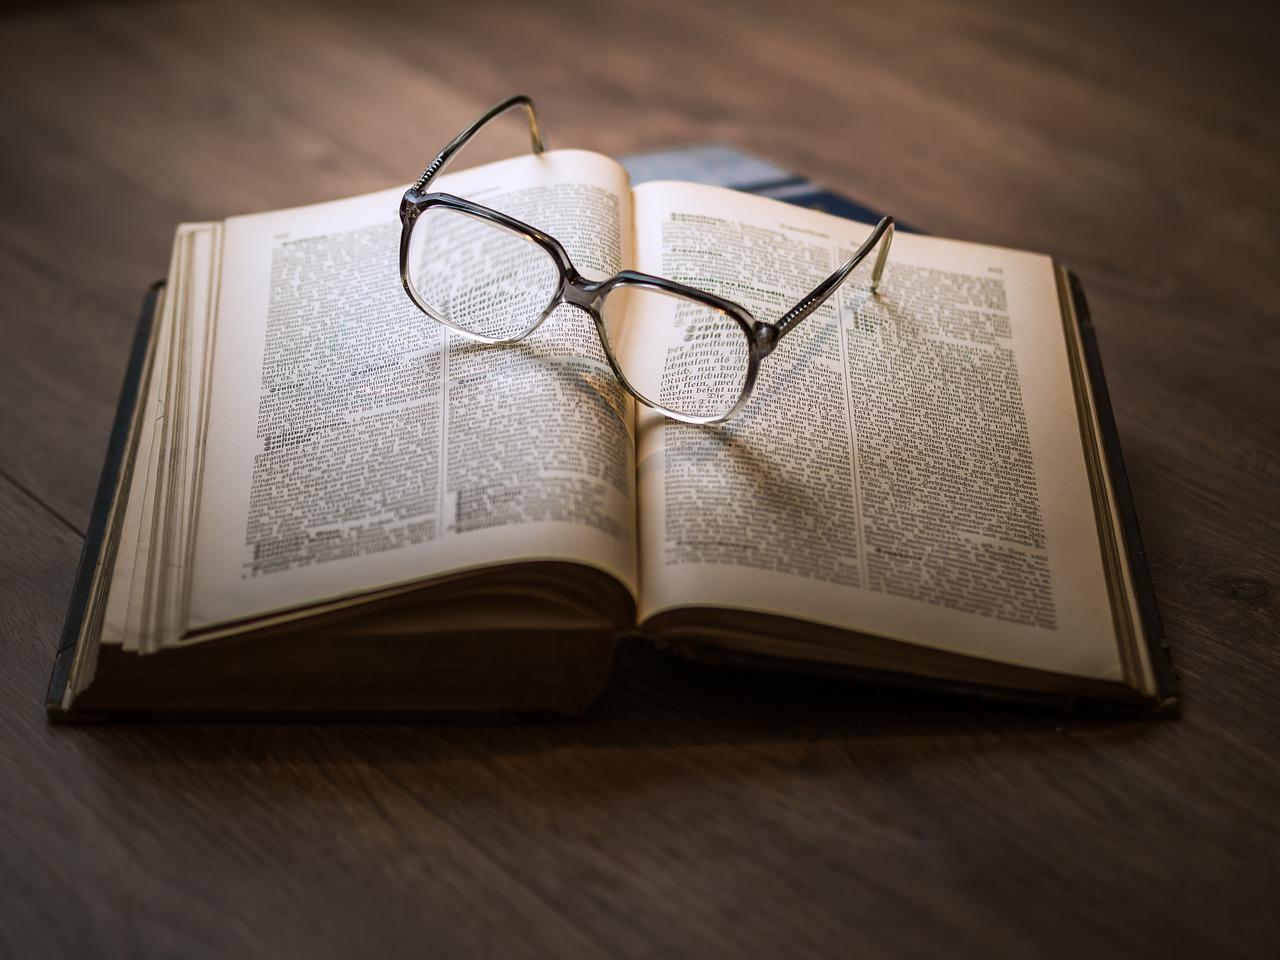 Consejos de estudio para opositores